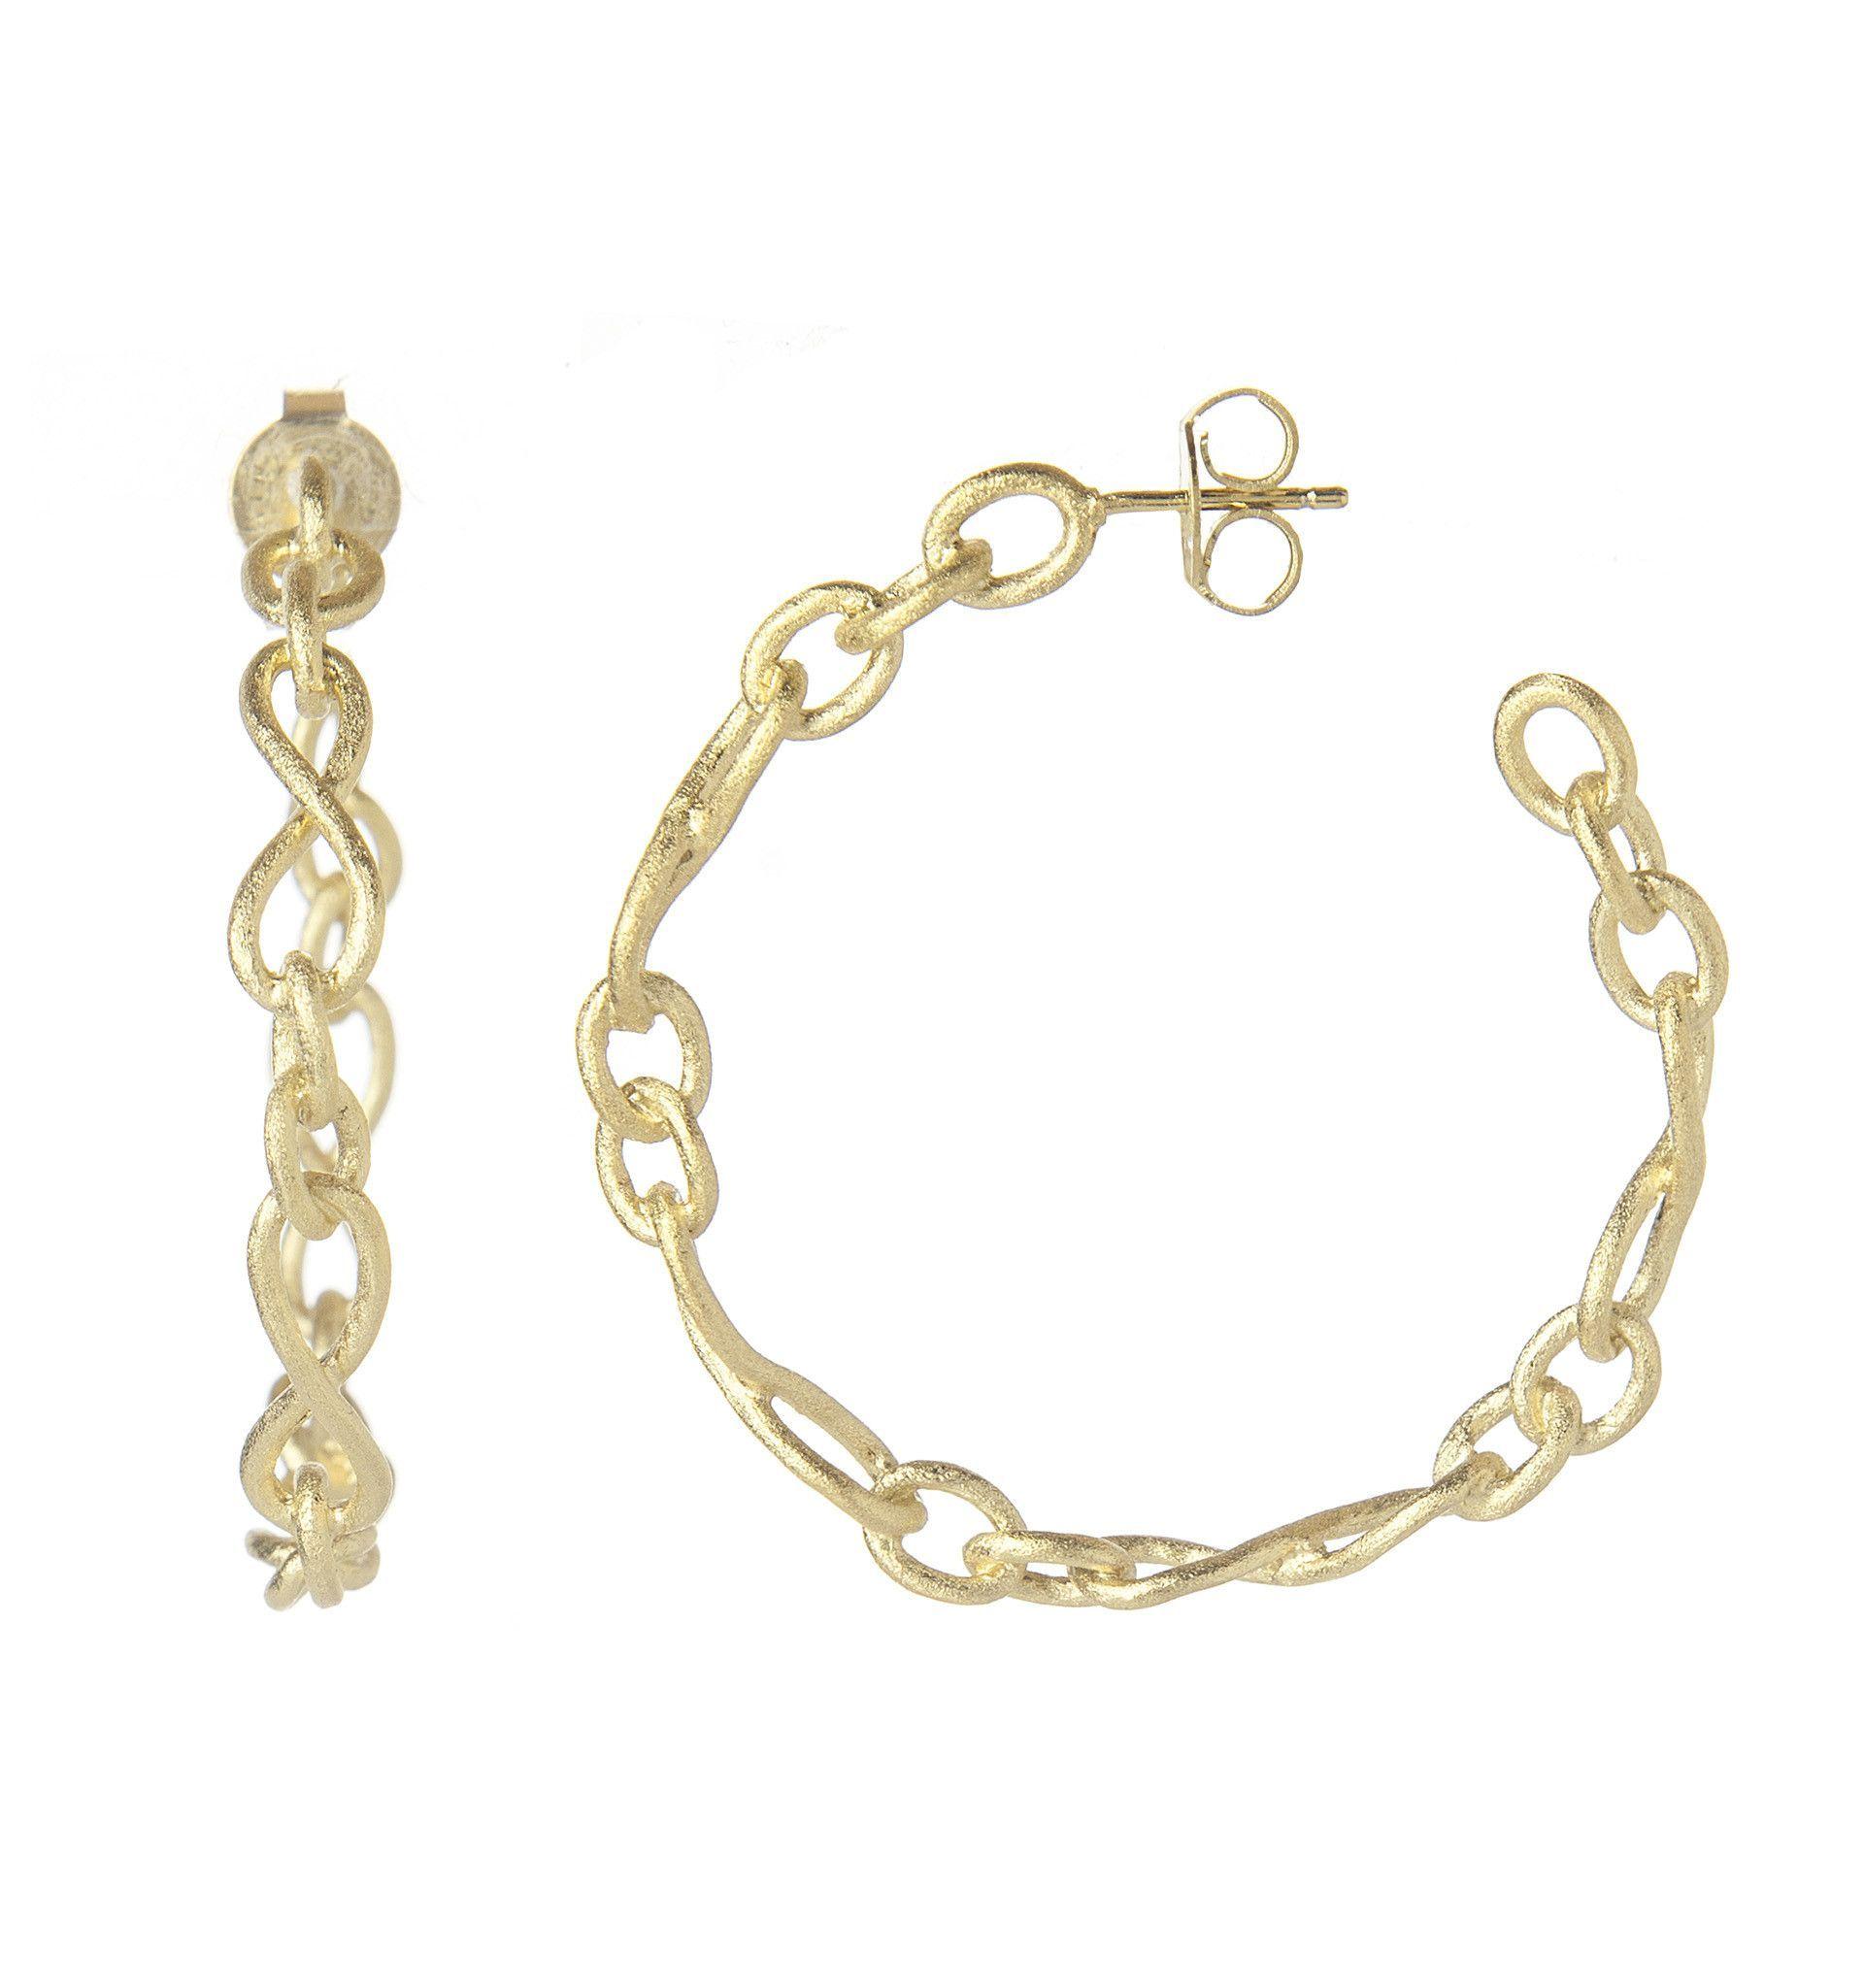 Satin Infinity Link Hoop Earrings